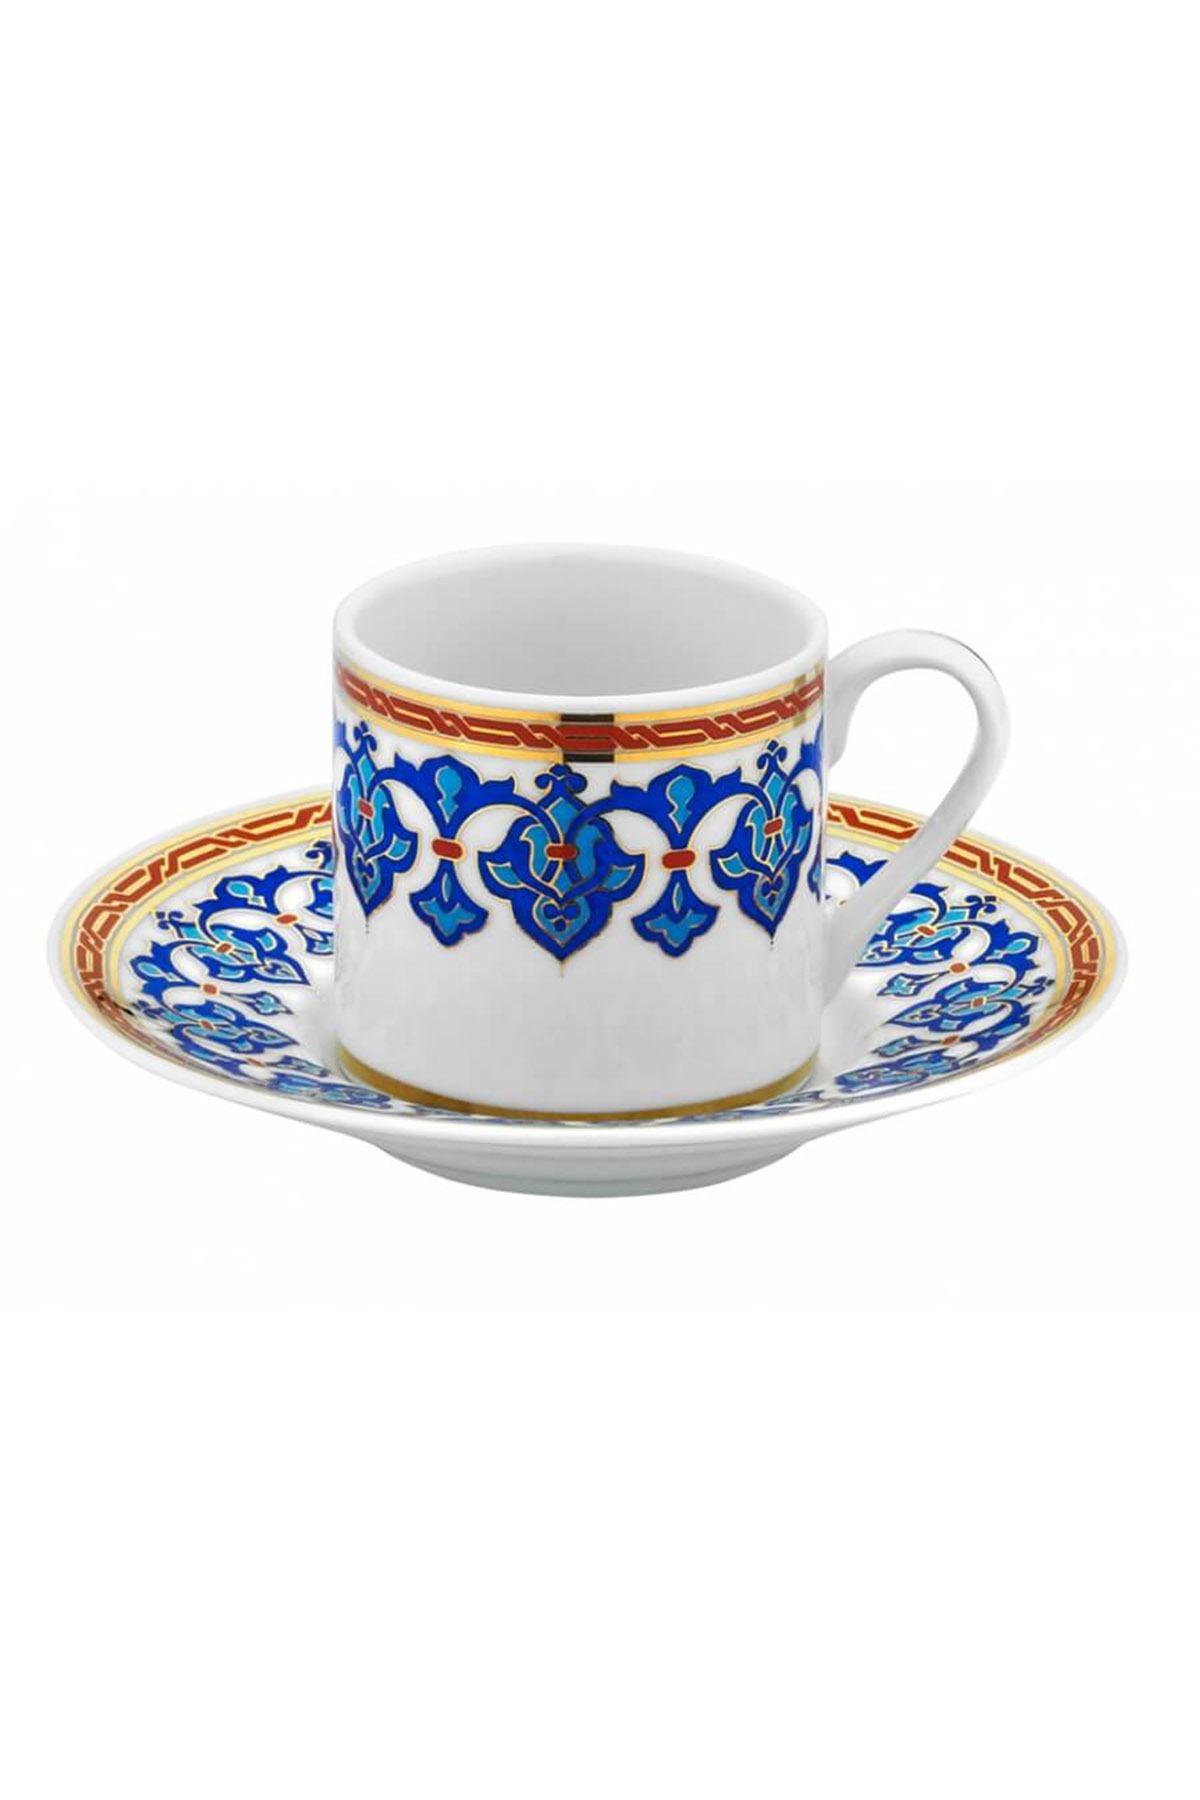 KÜTAHYA PORSELEN - Rüya İki Kişilik Kahve Takımı Dekor No:3866